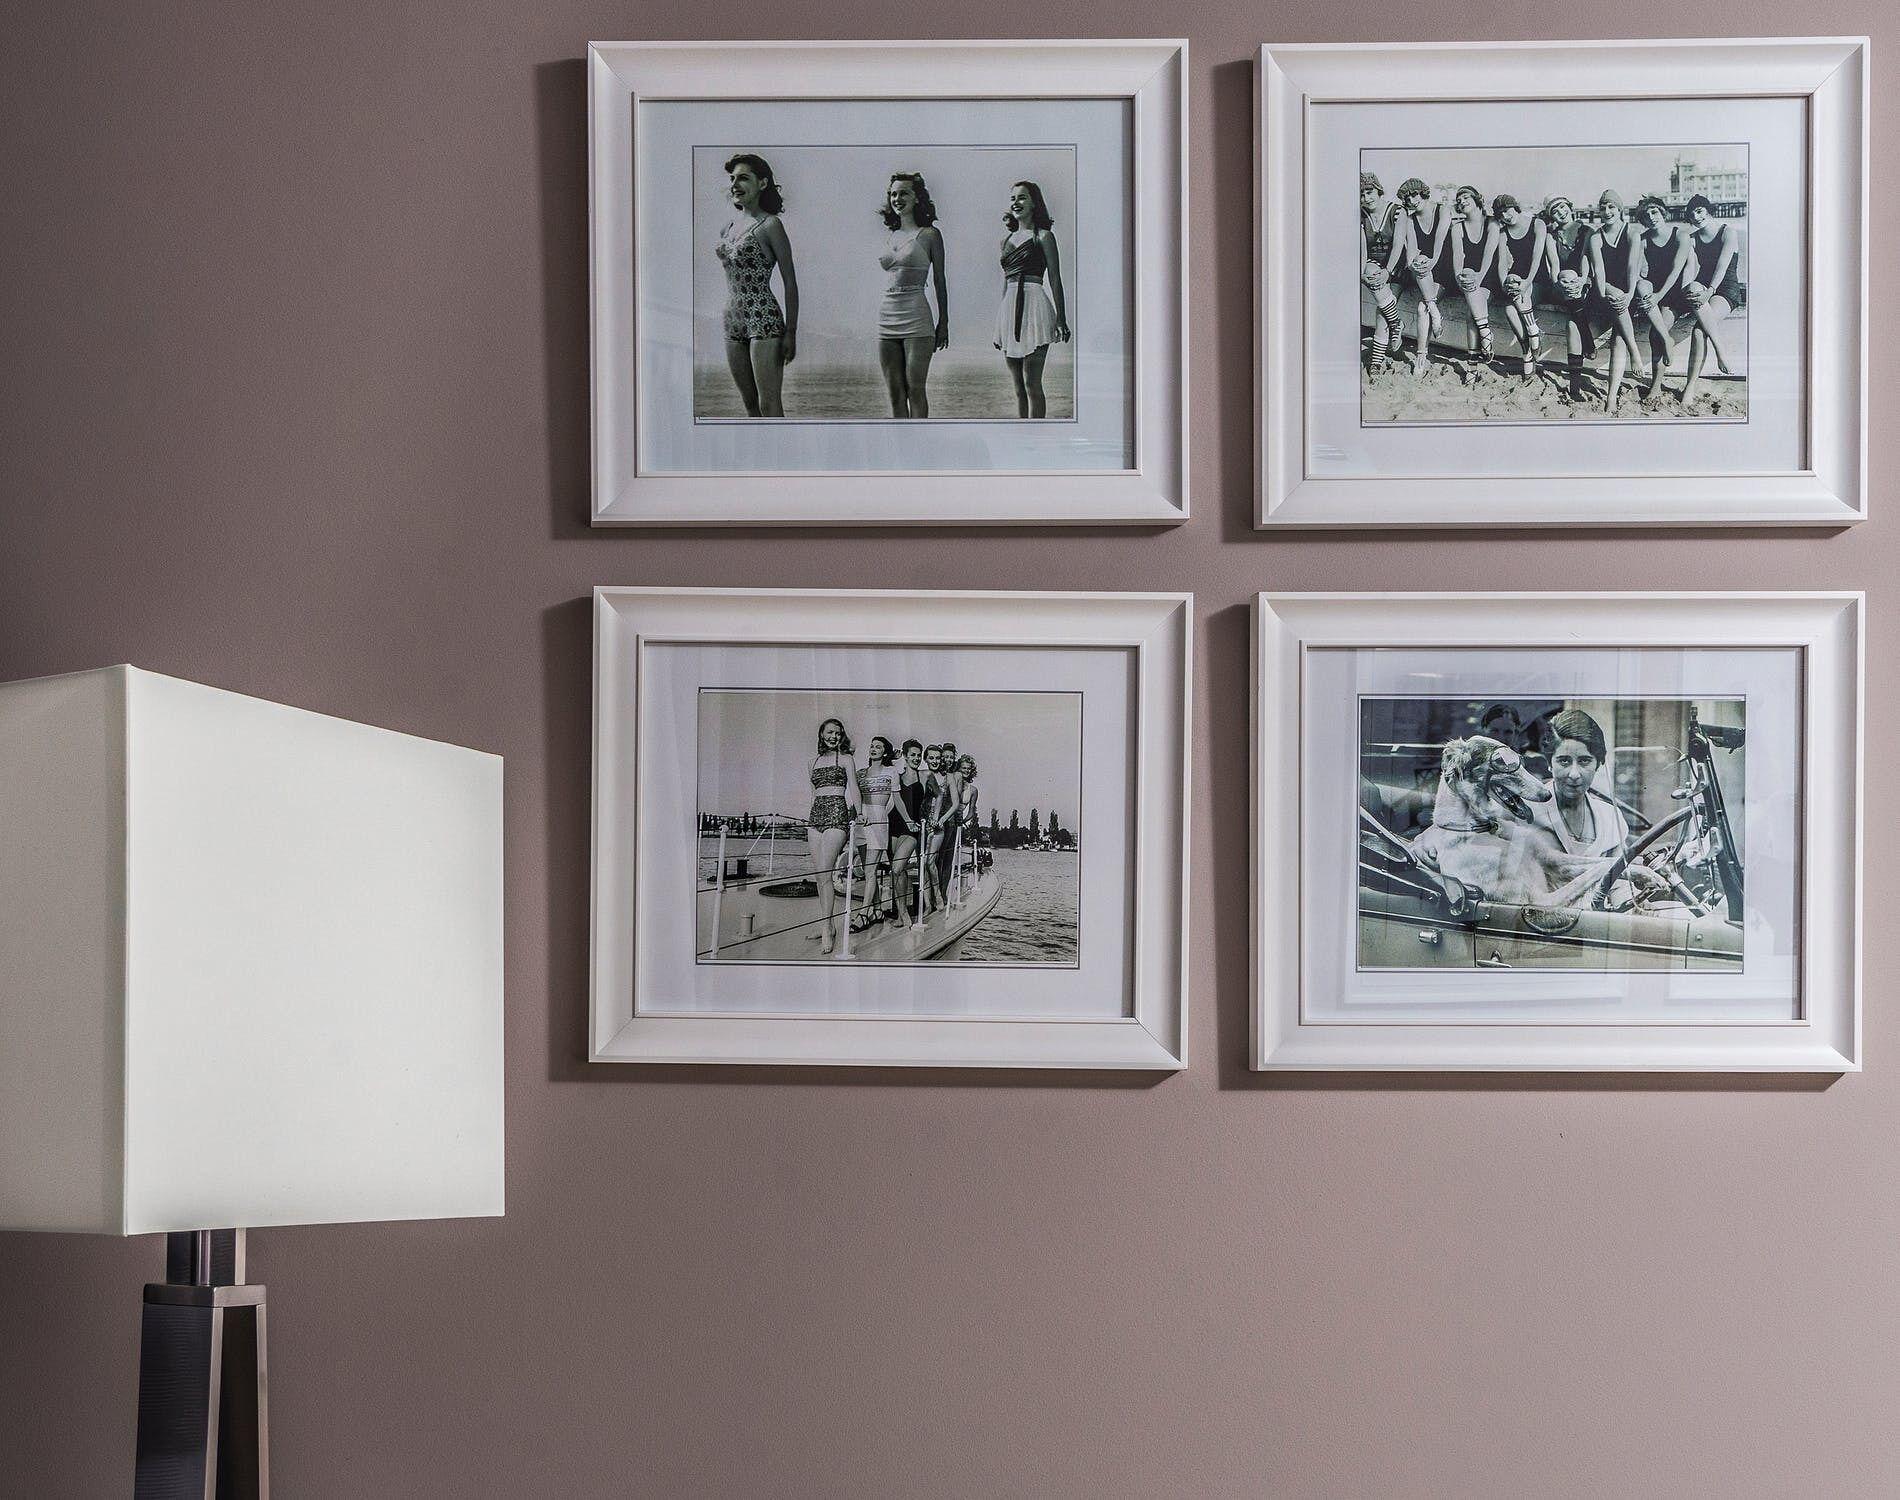 Фото на стіні роблять кімнату атмосферною